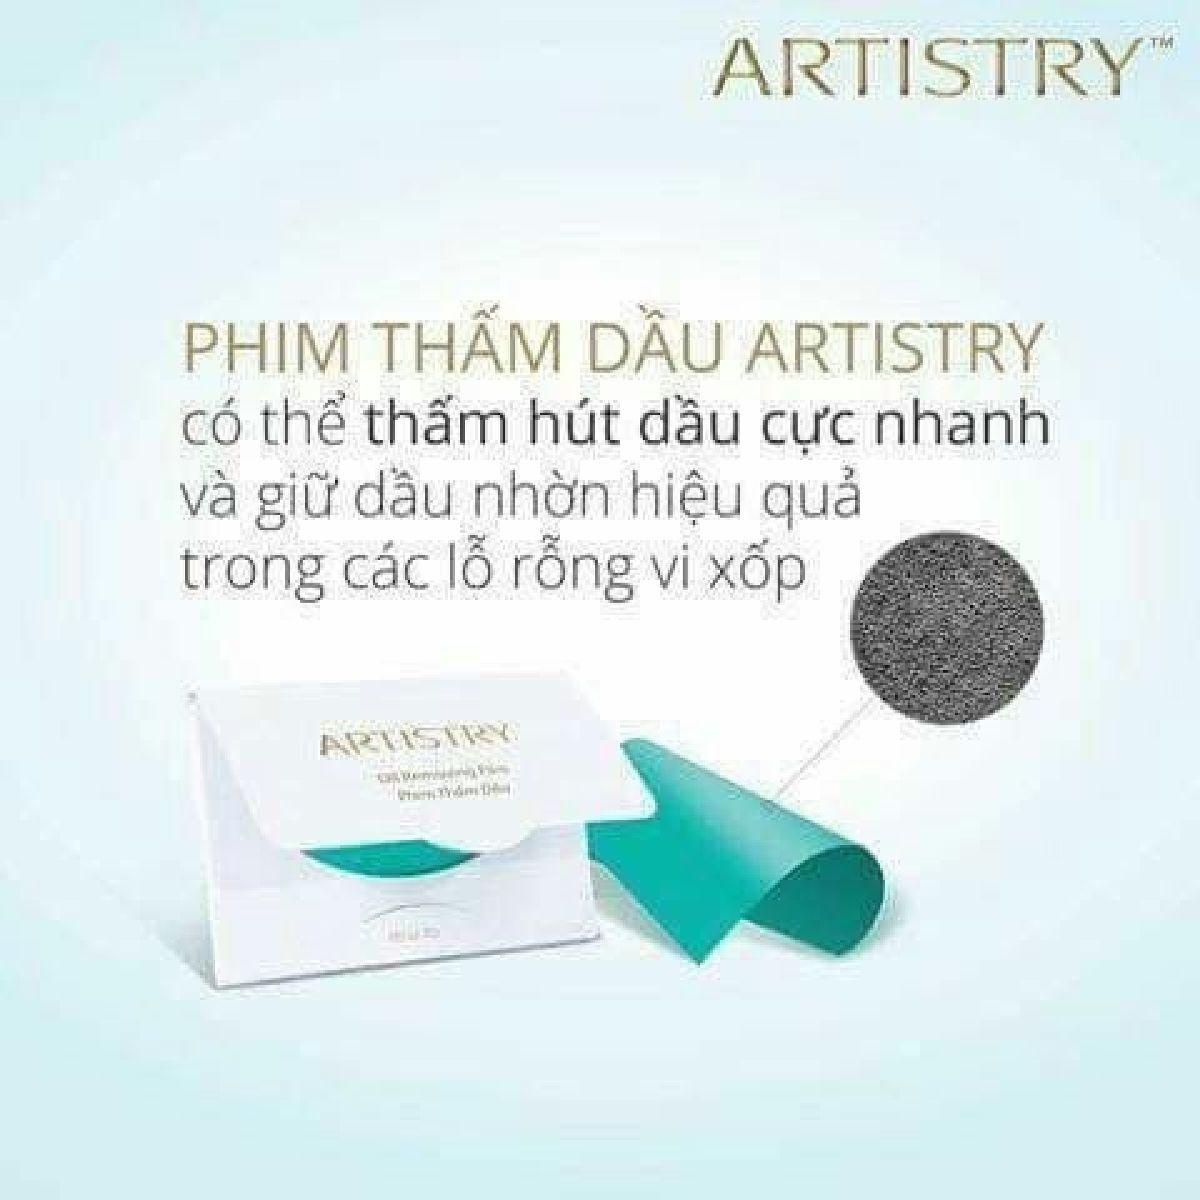 Phim tham dau artistry 1476176693 1 4883000 1514434985